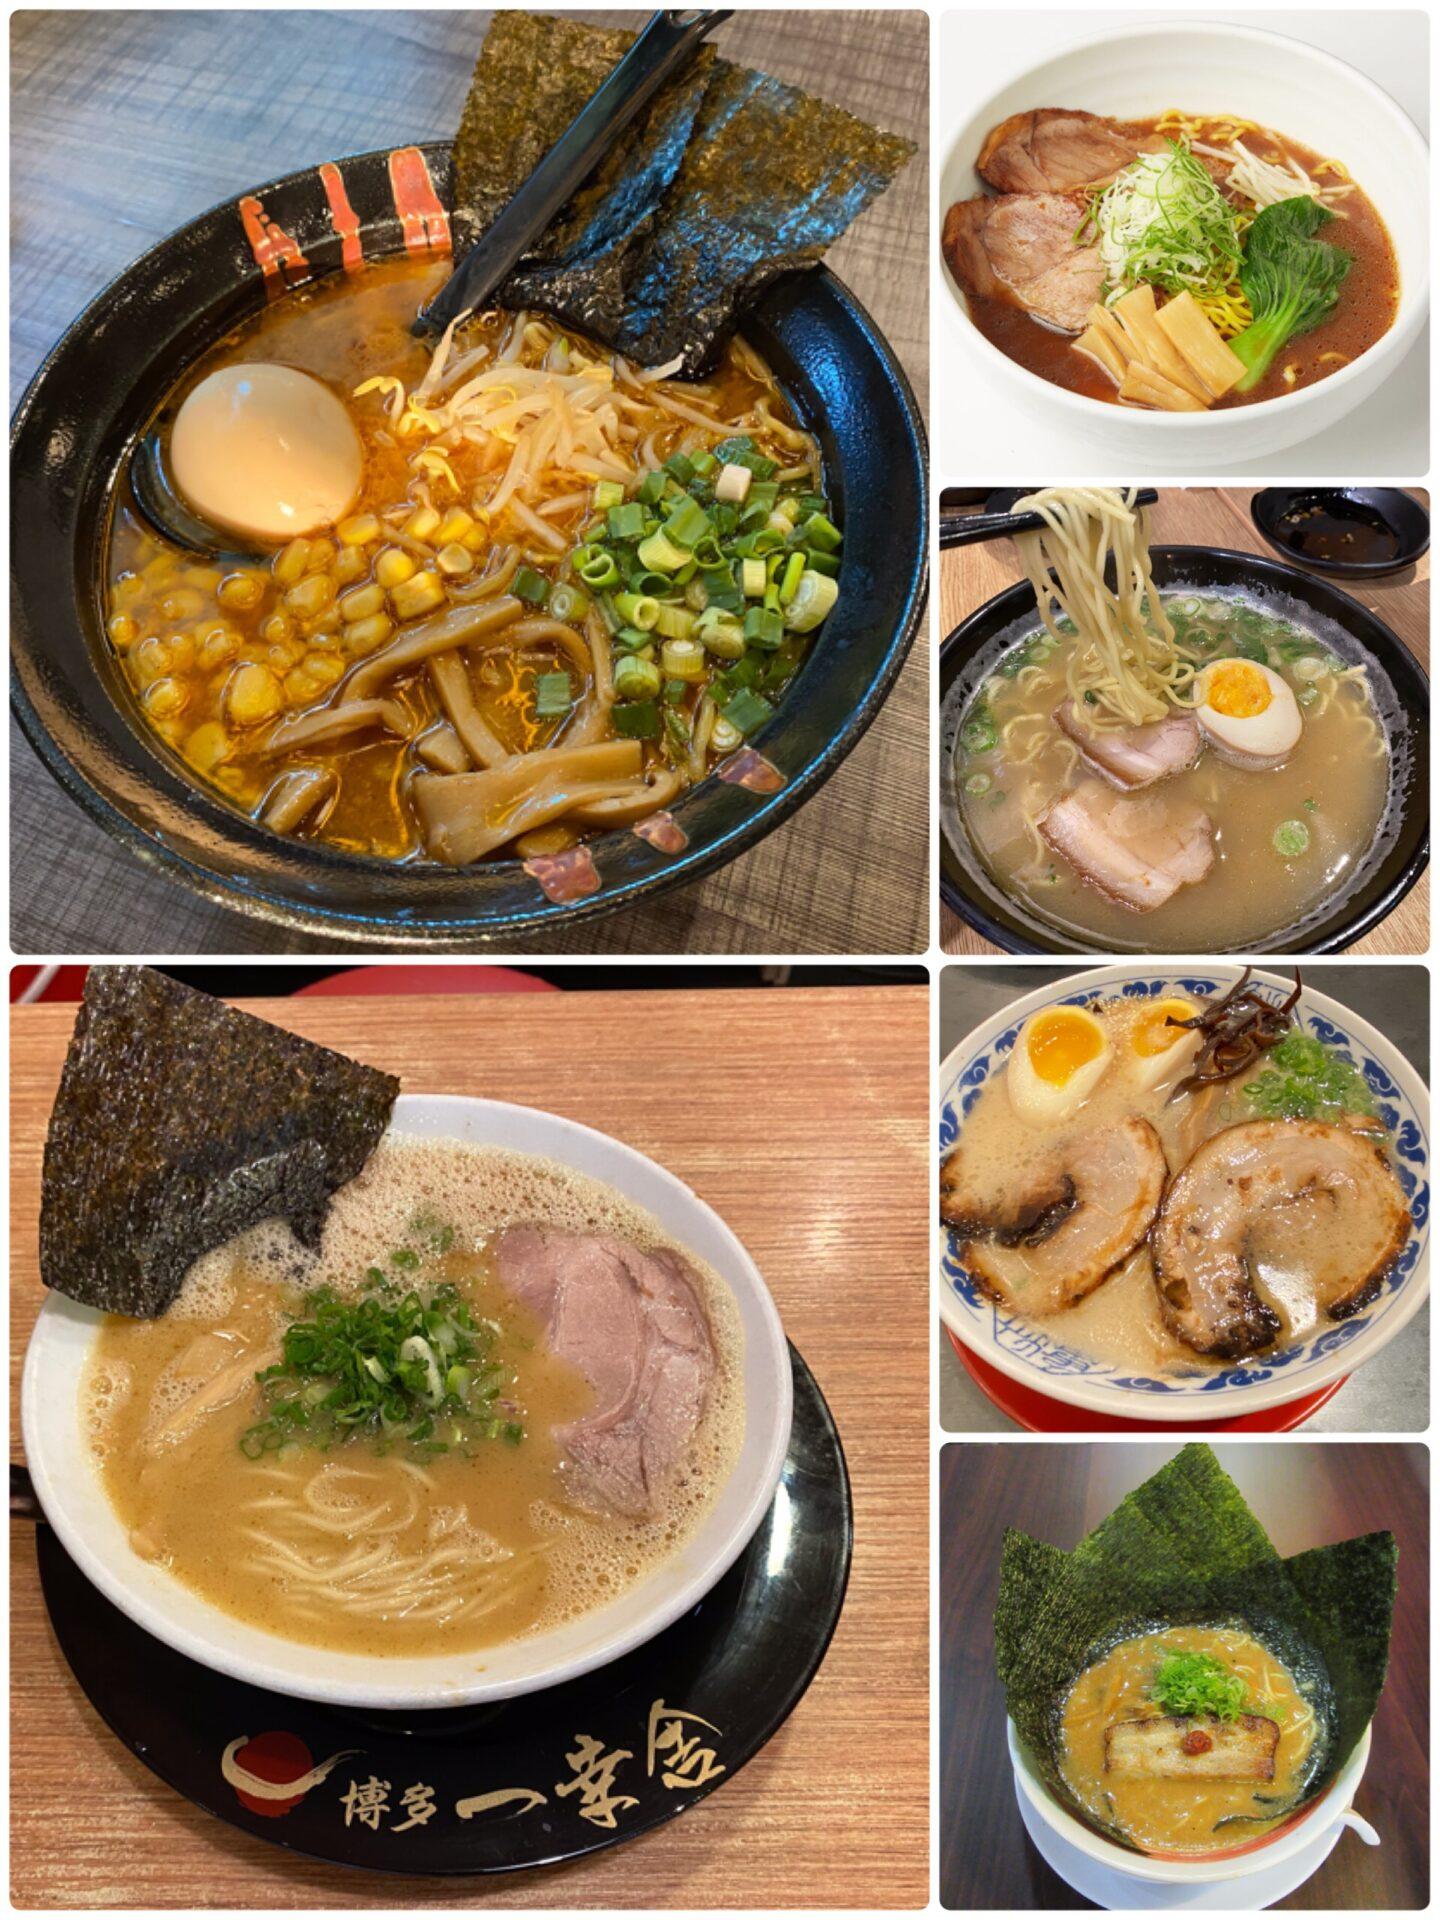 やっぱり恋しくなる日本のラーメン。シンガポールでラーメンを食べるなら5選